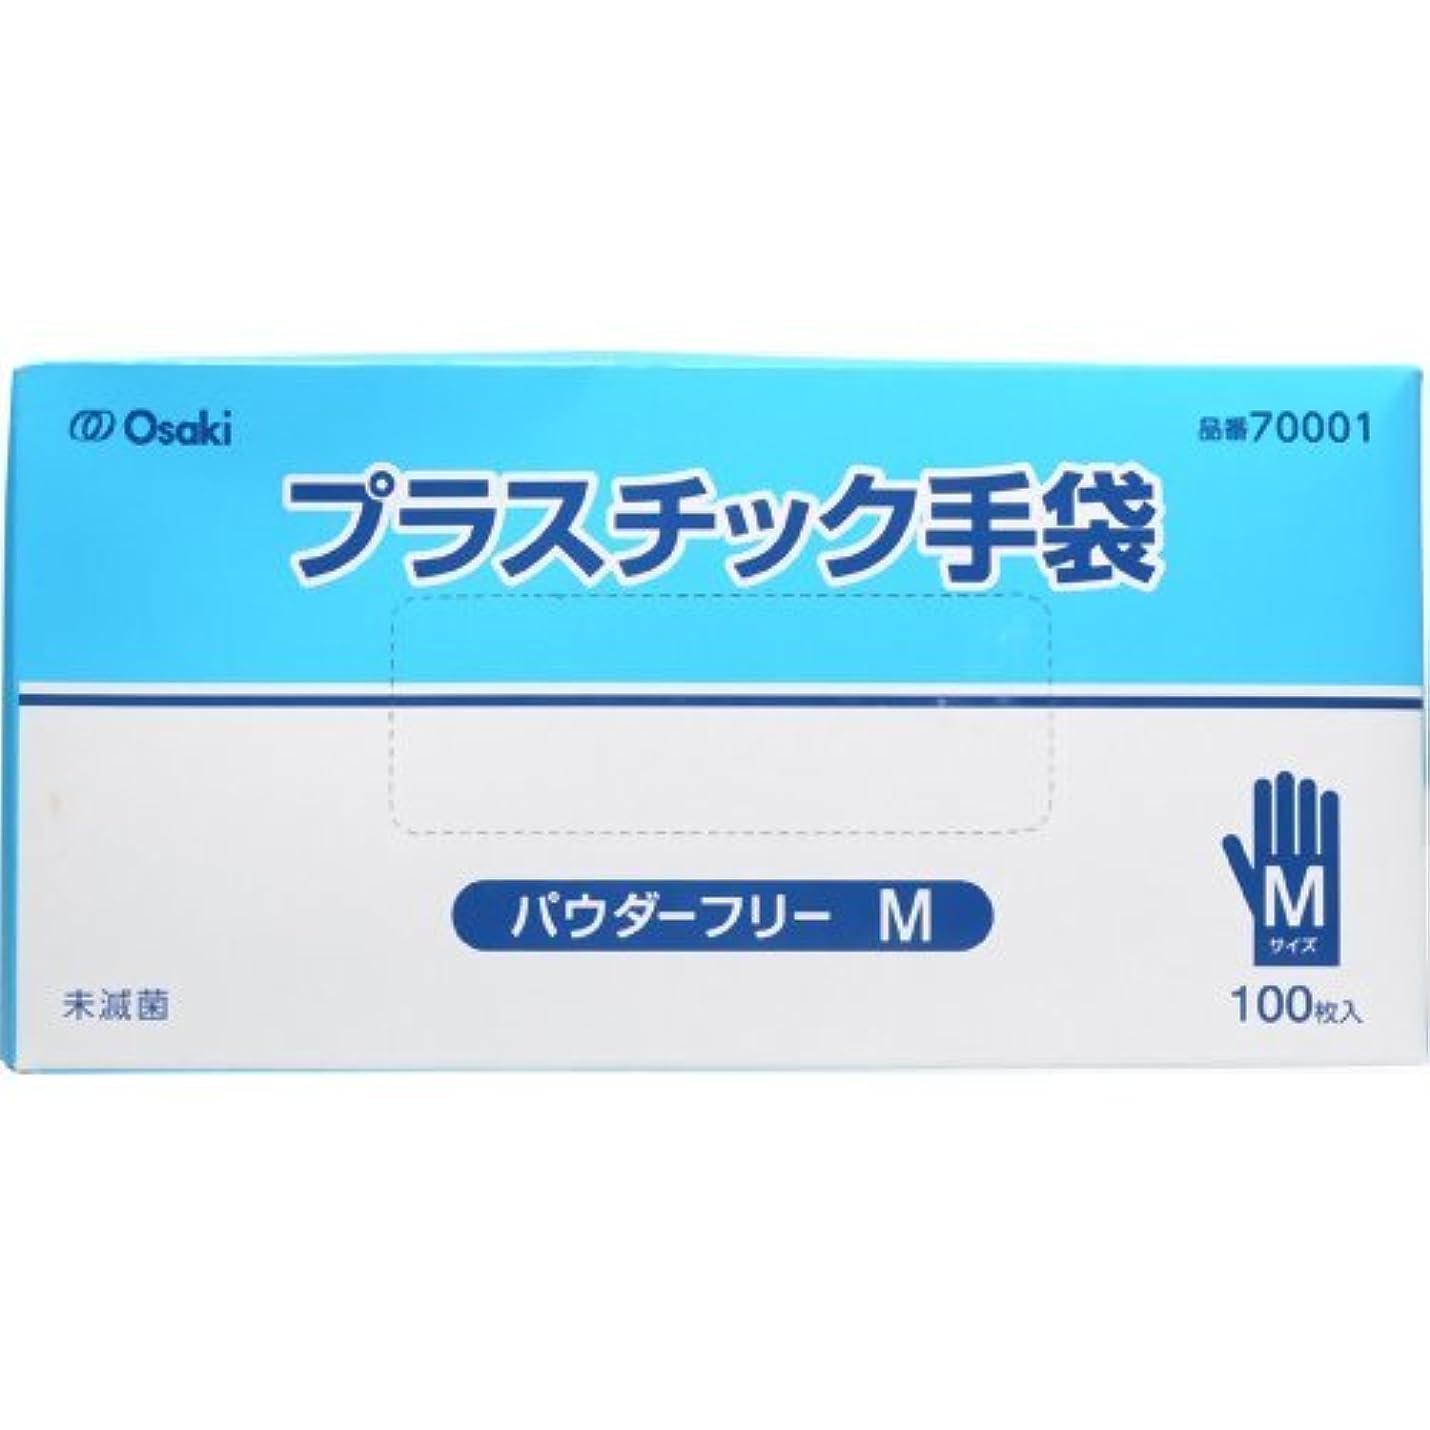 ナチュラシーサイド米ドルオオサキメディカル プラスチック手袋 PF Mサイズ 100枚入